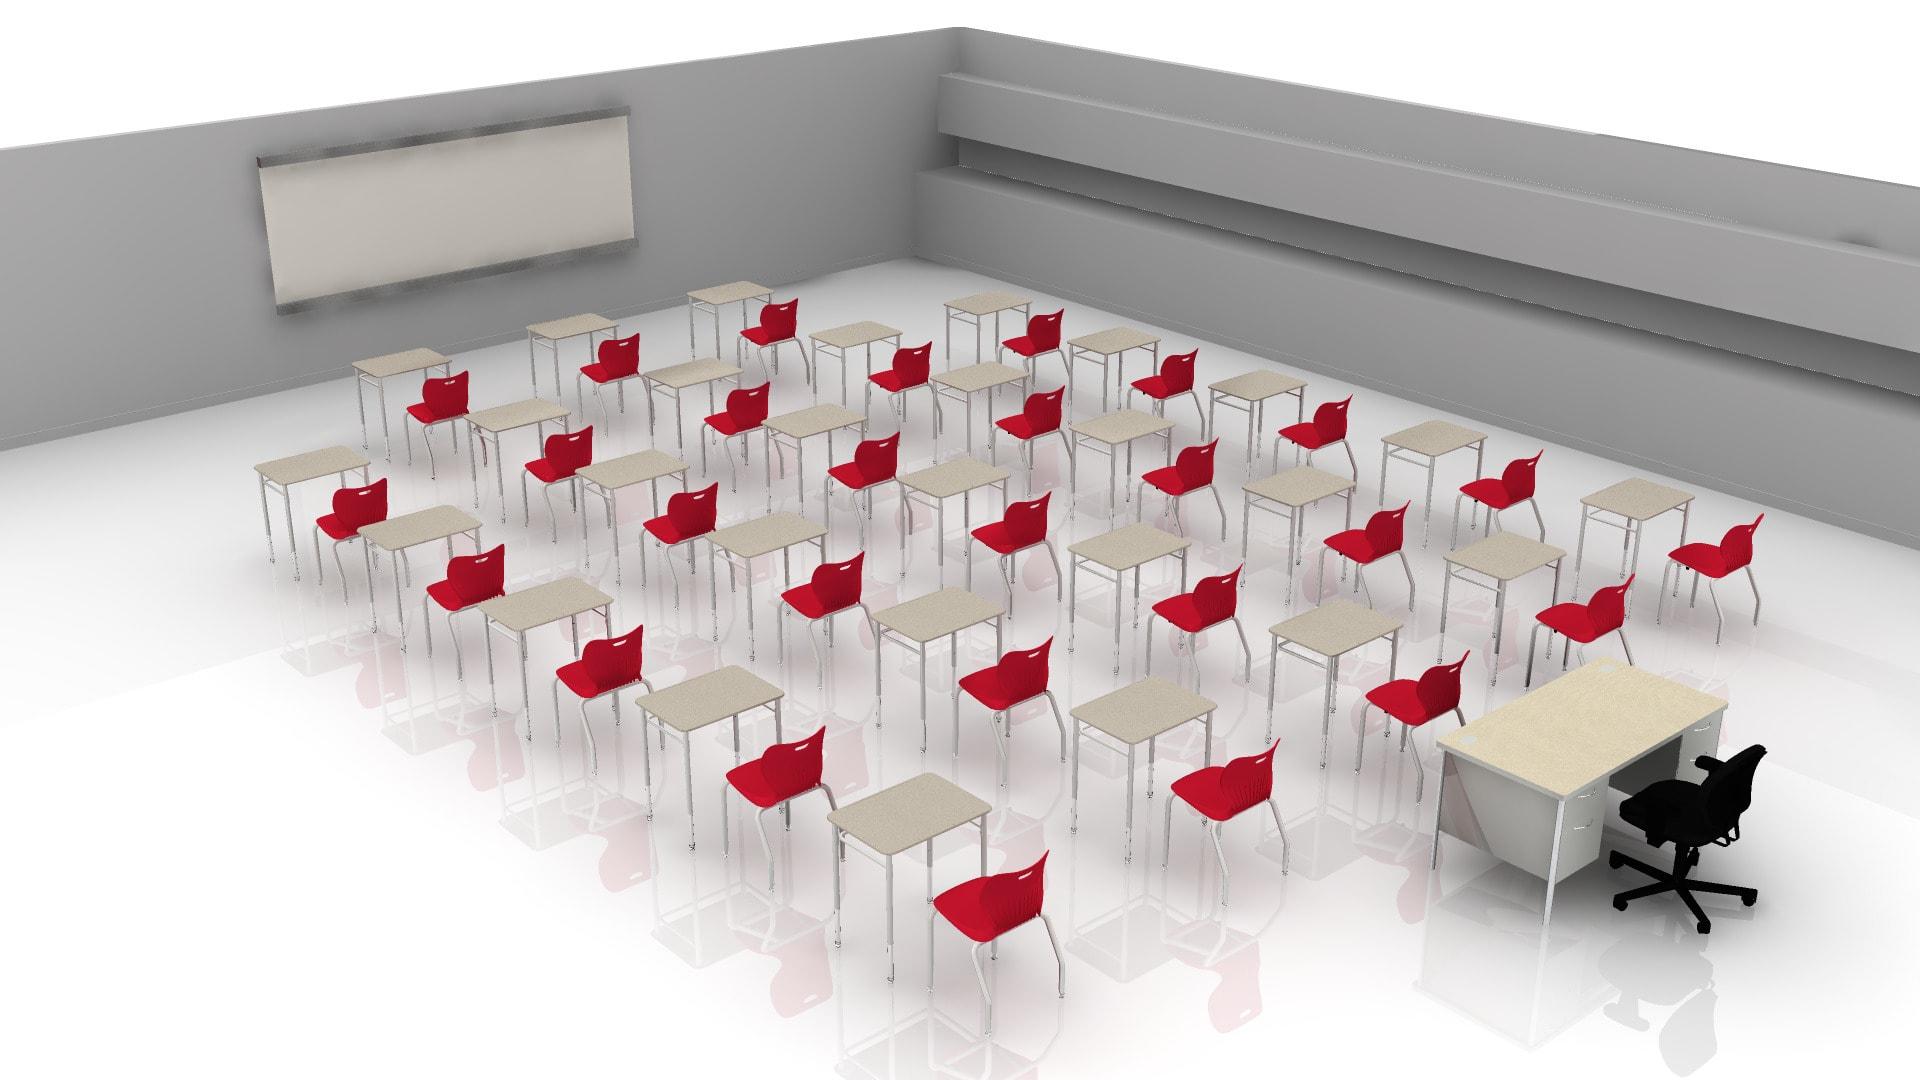 EDUCATION CLASSRM_01A